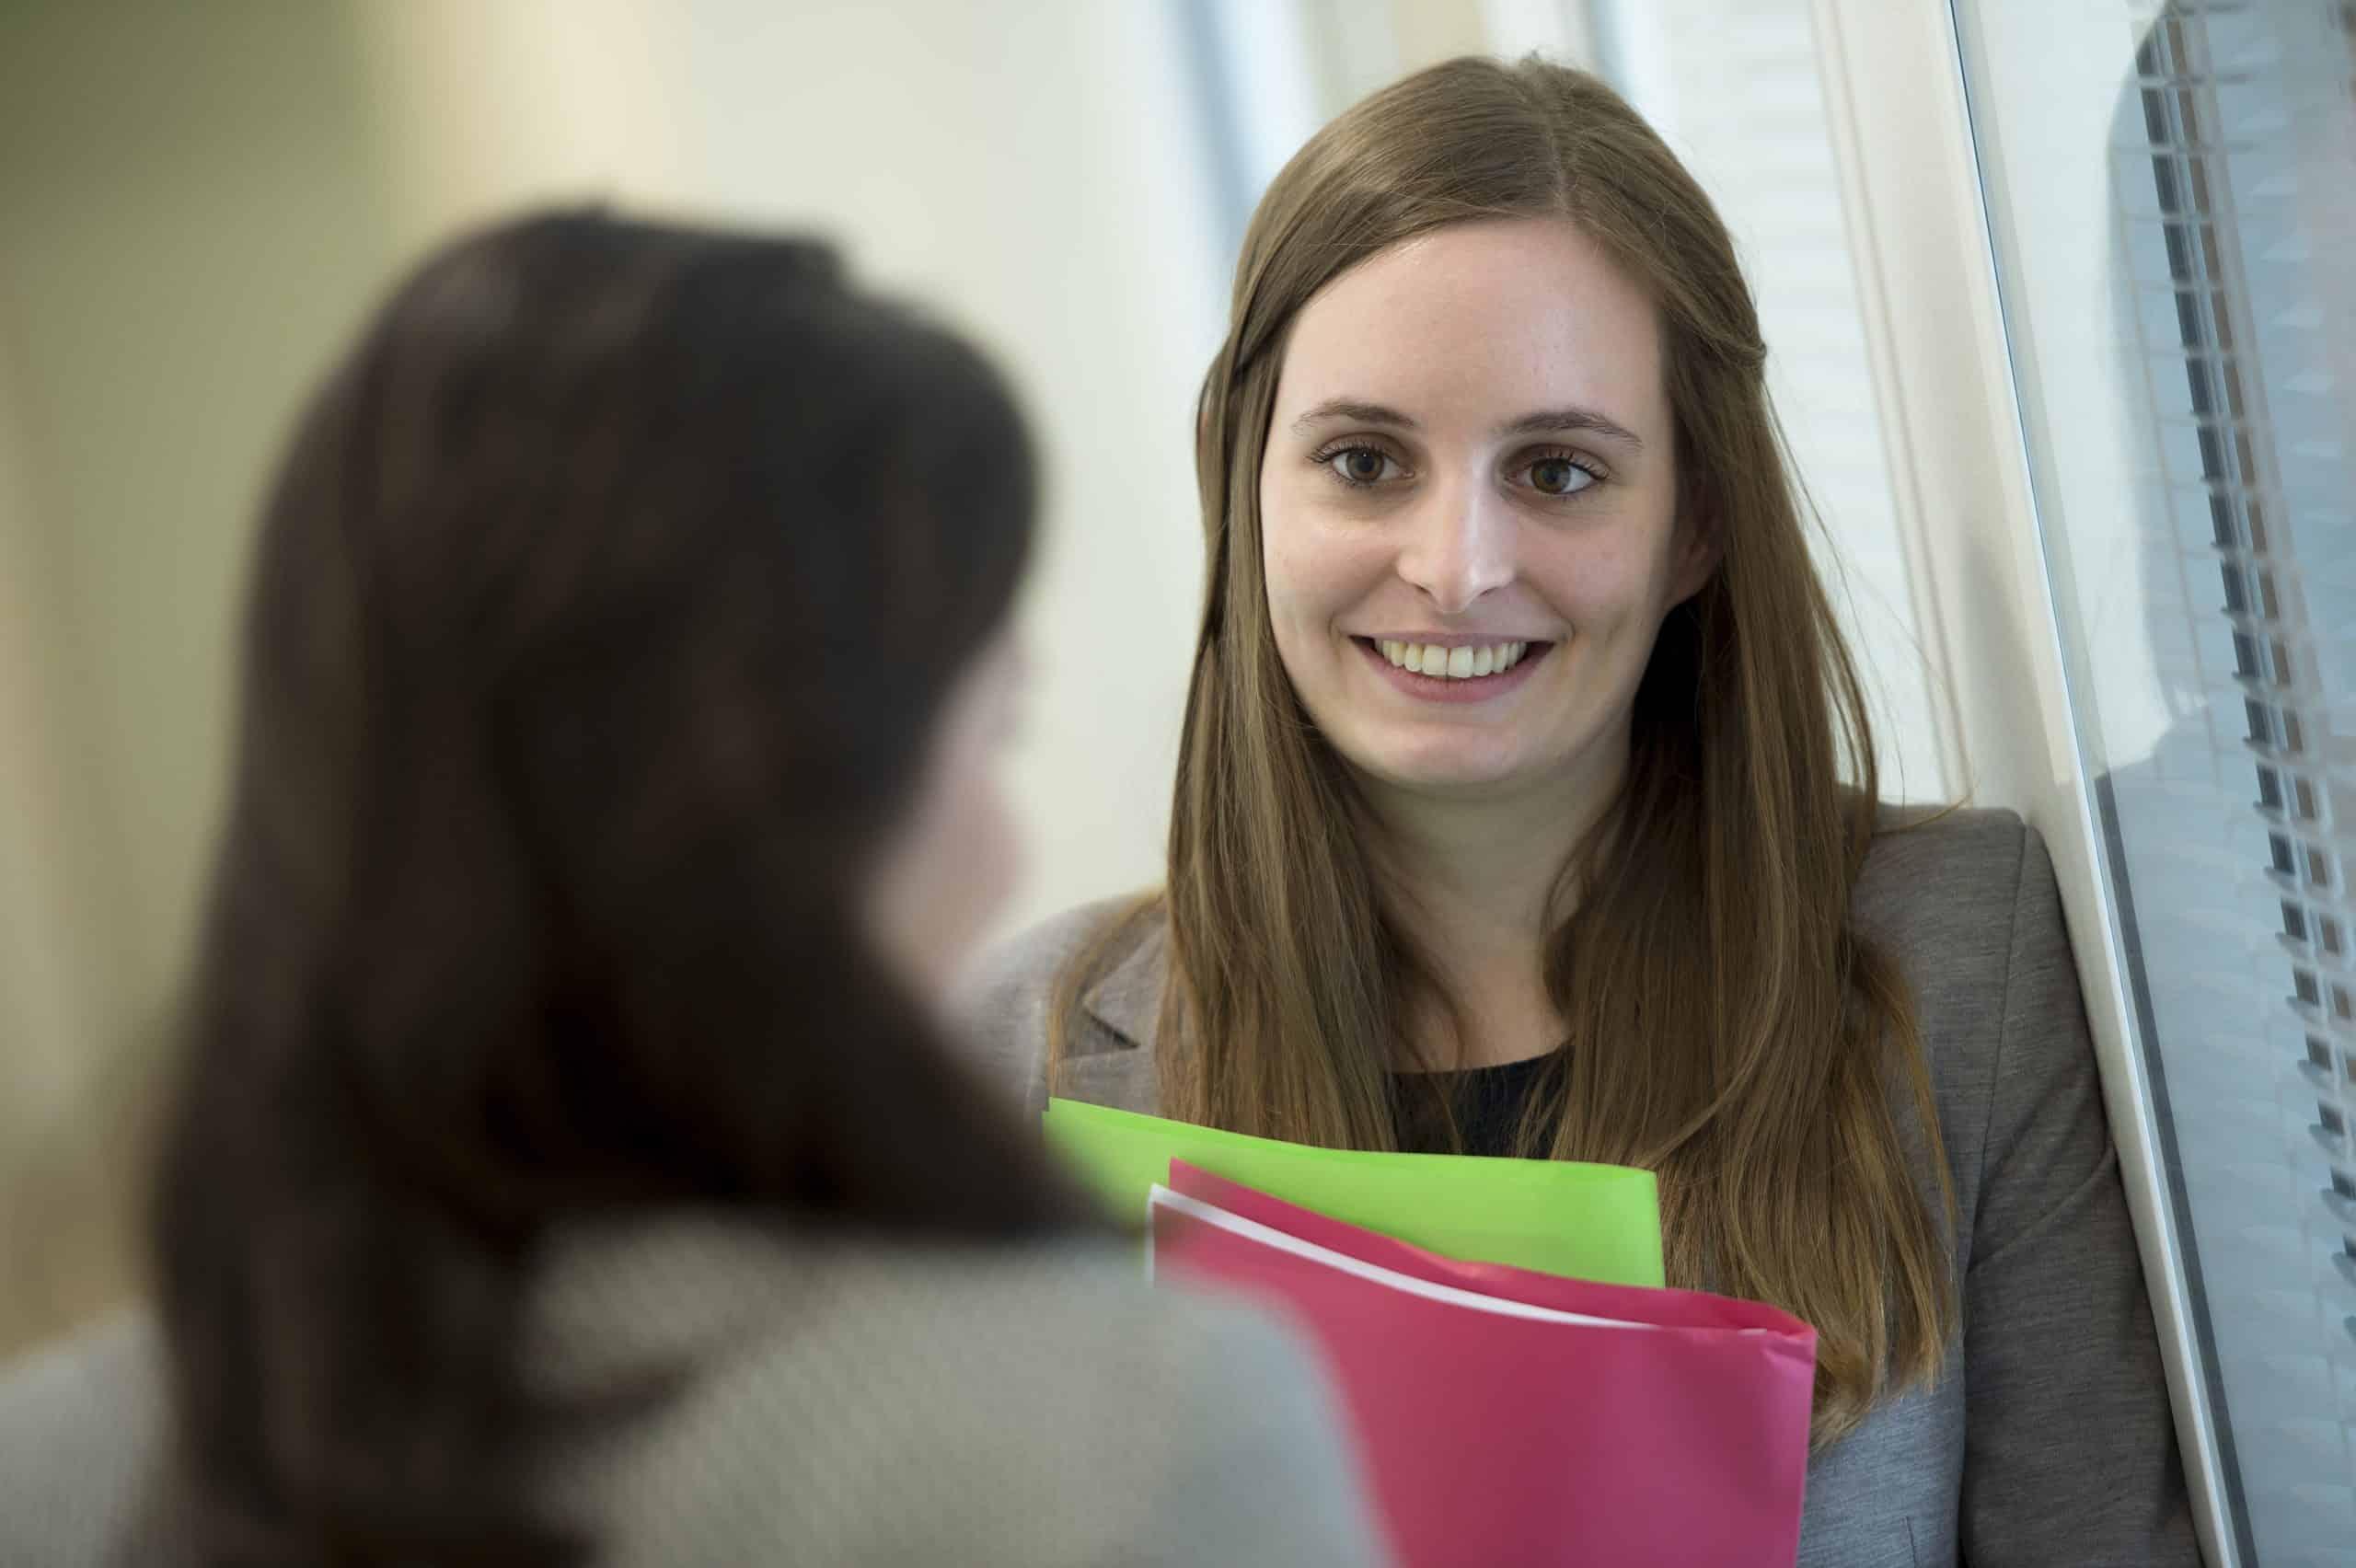 Prise en charge des consultations de psychologues : les modalités de mise en œuvre